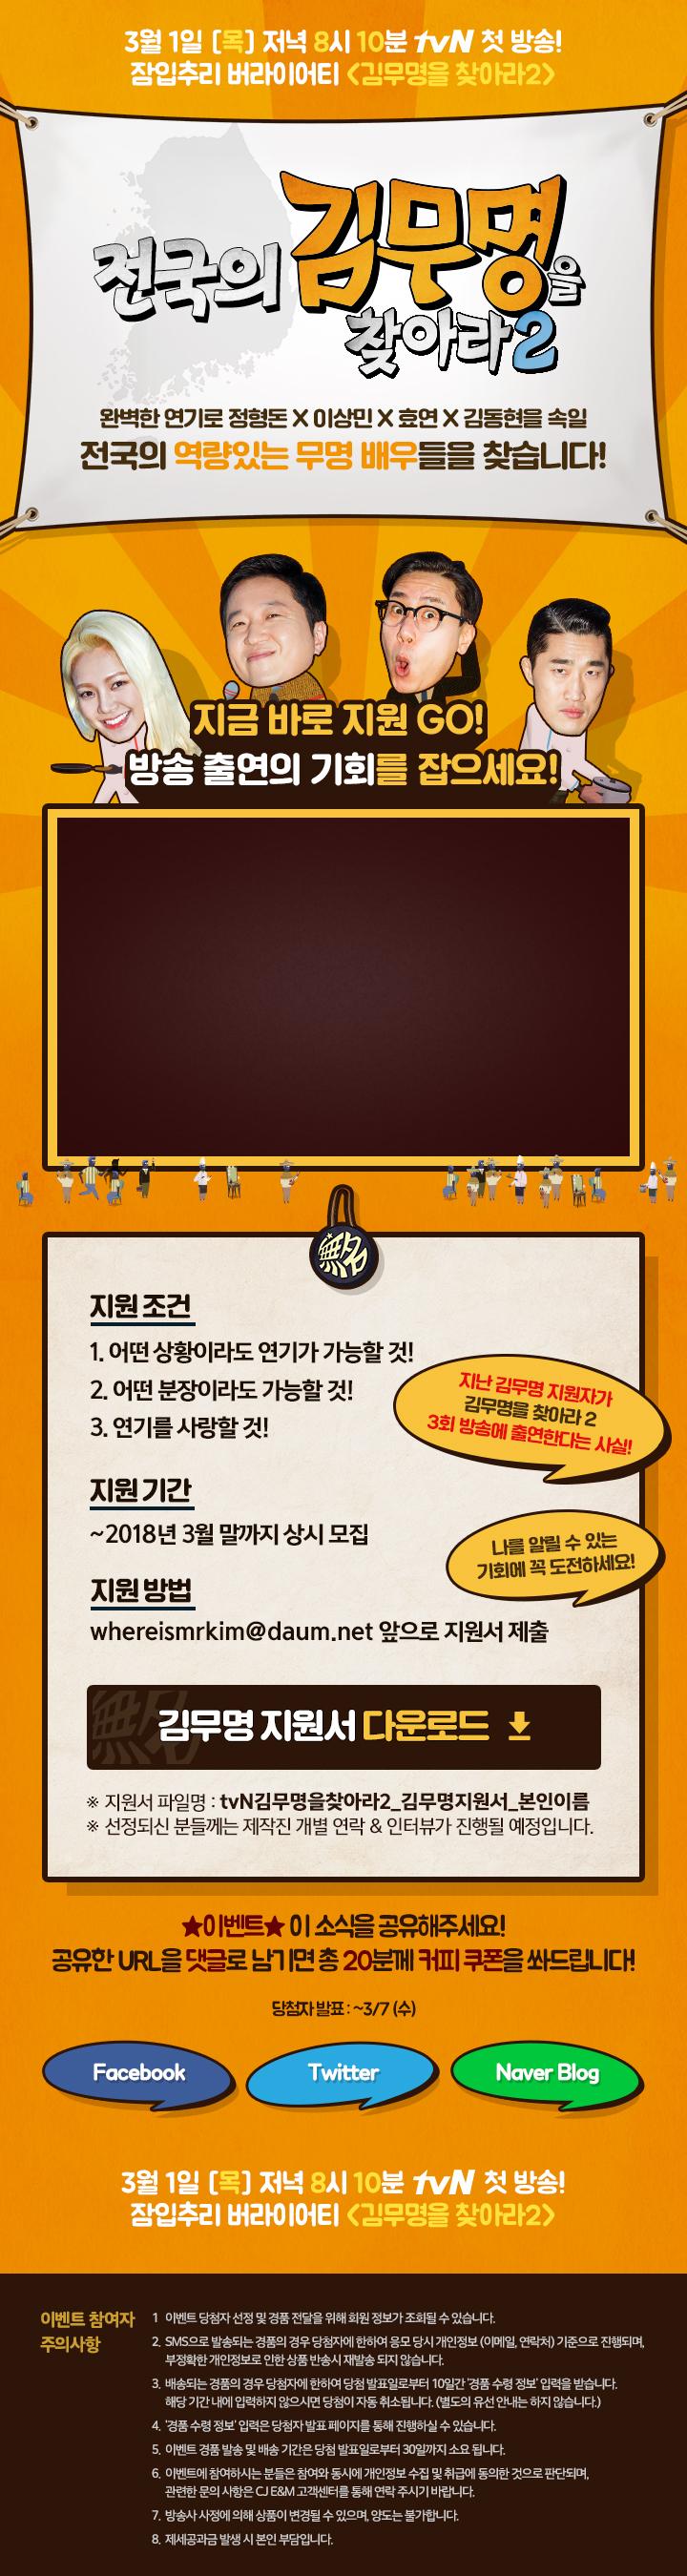 [김무명을찾아라2] 김무명을찾아라이벤트